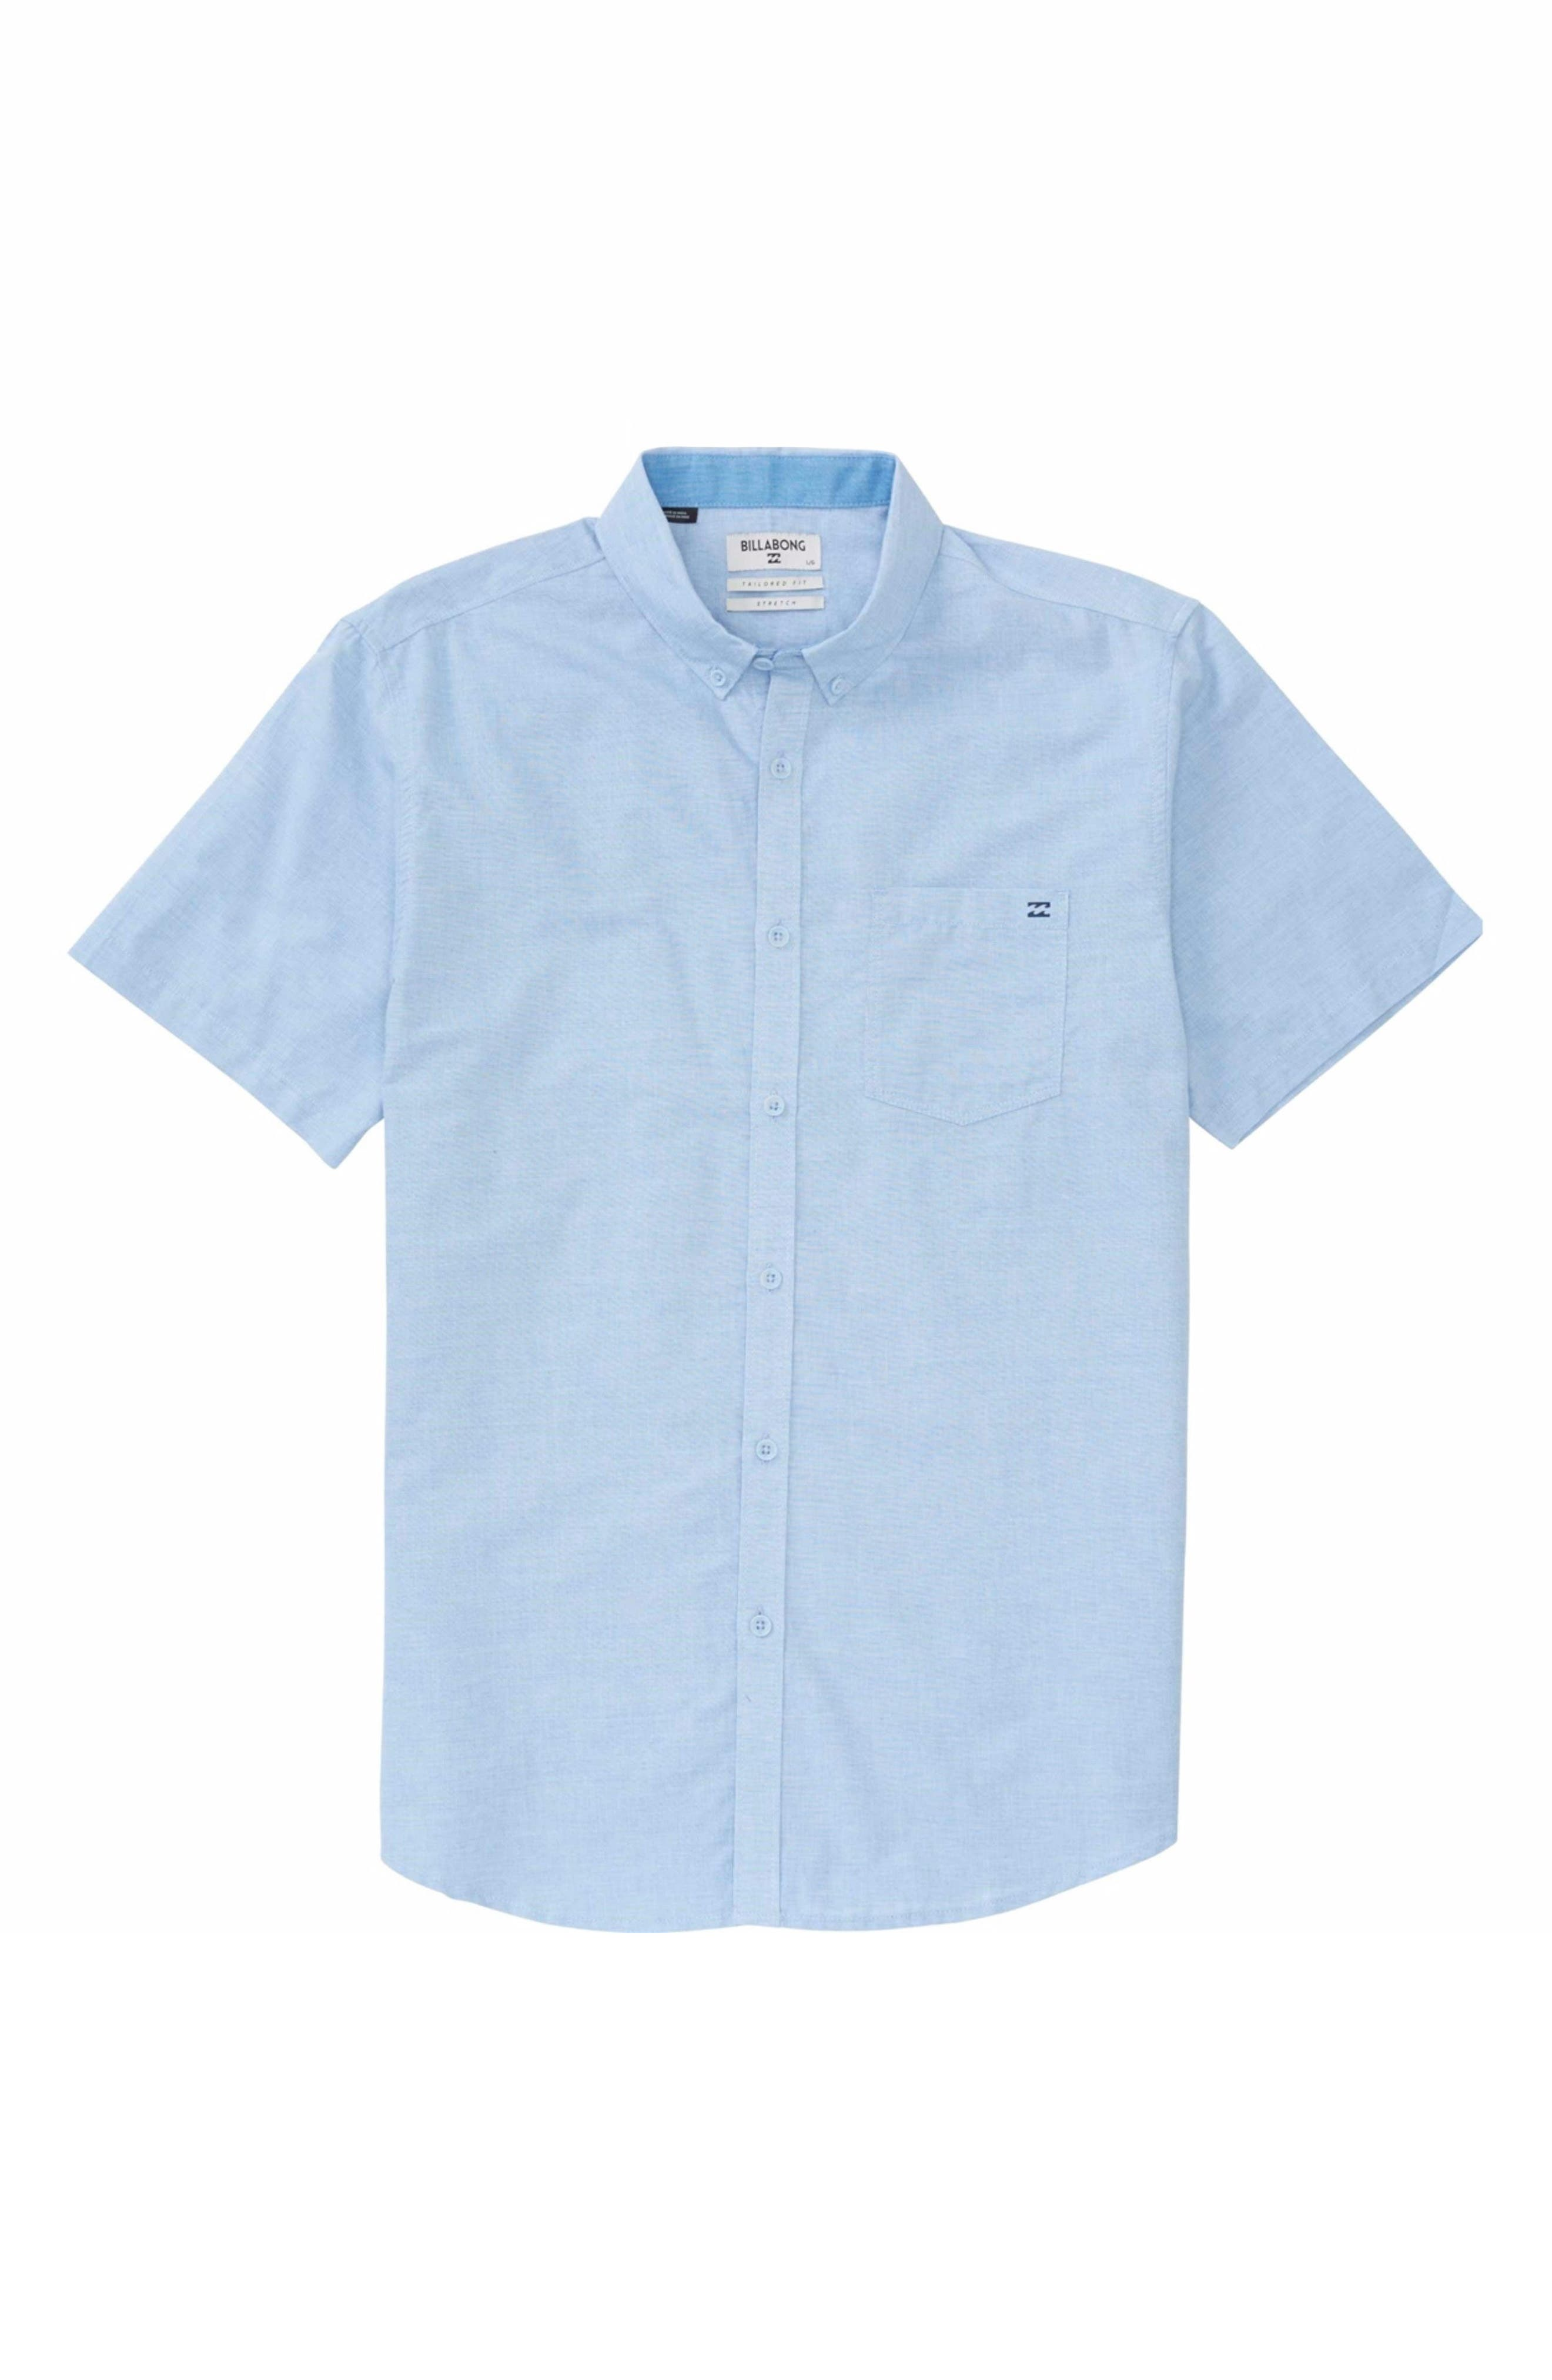 Main Image - Billabong All Day Chambray Shirt (Big Boys)